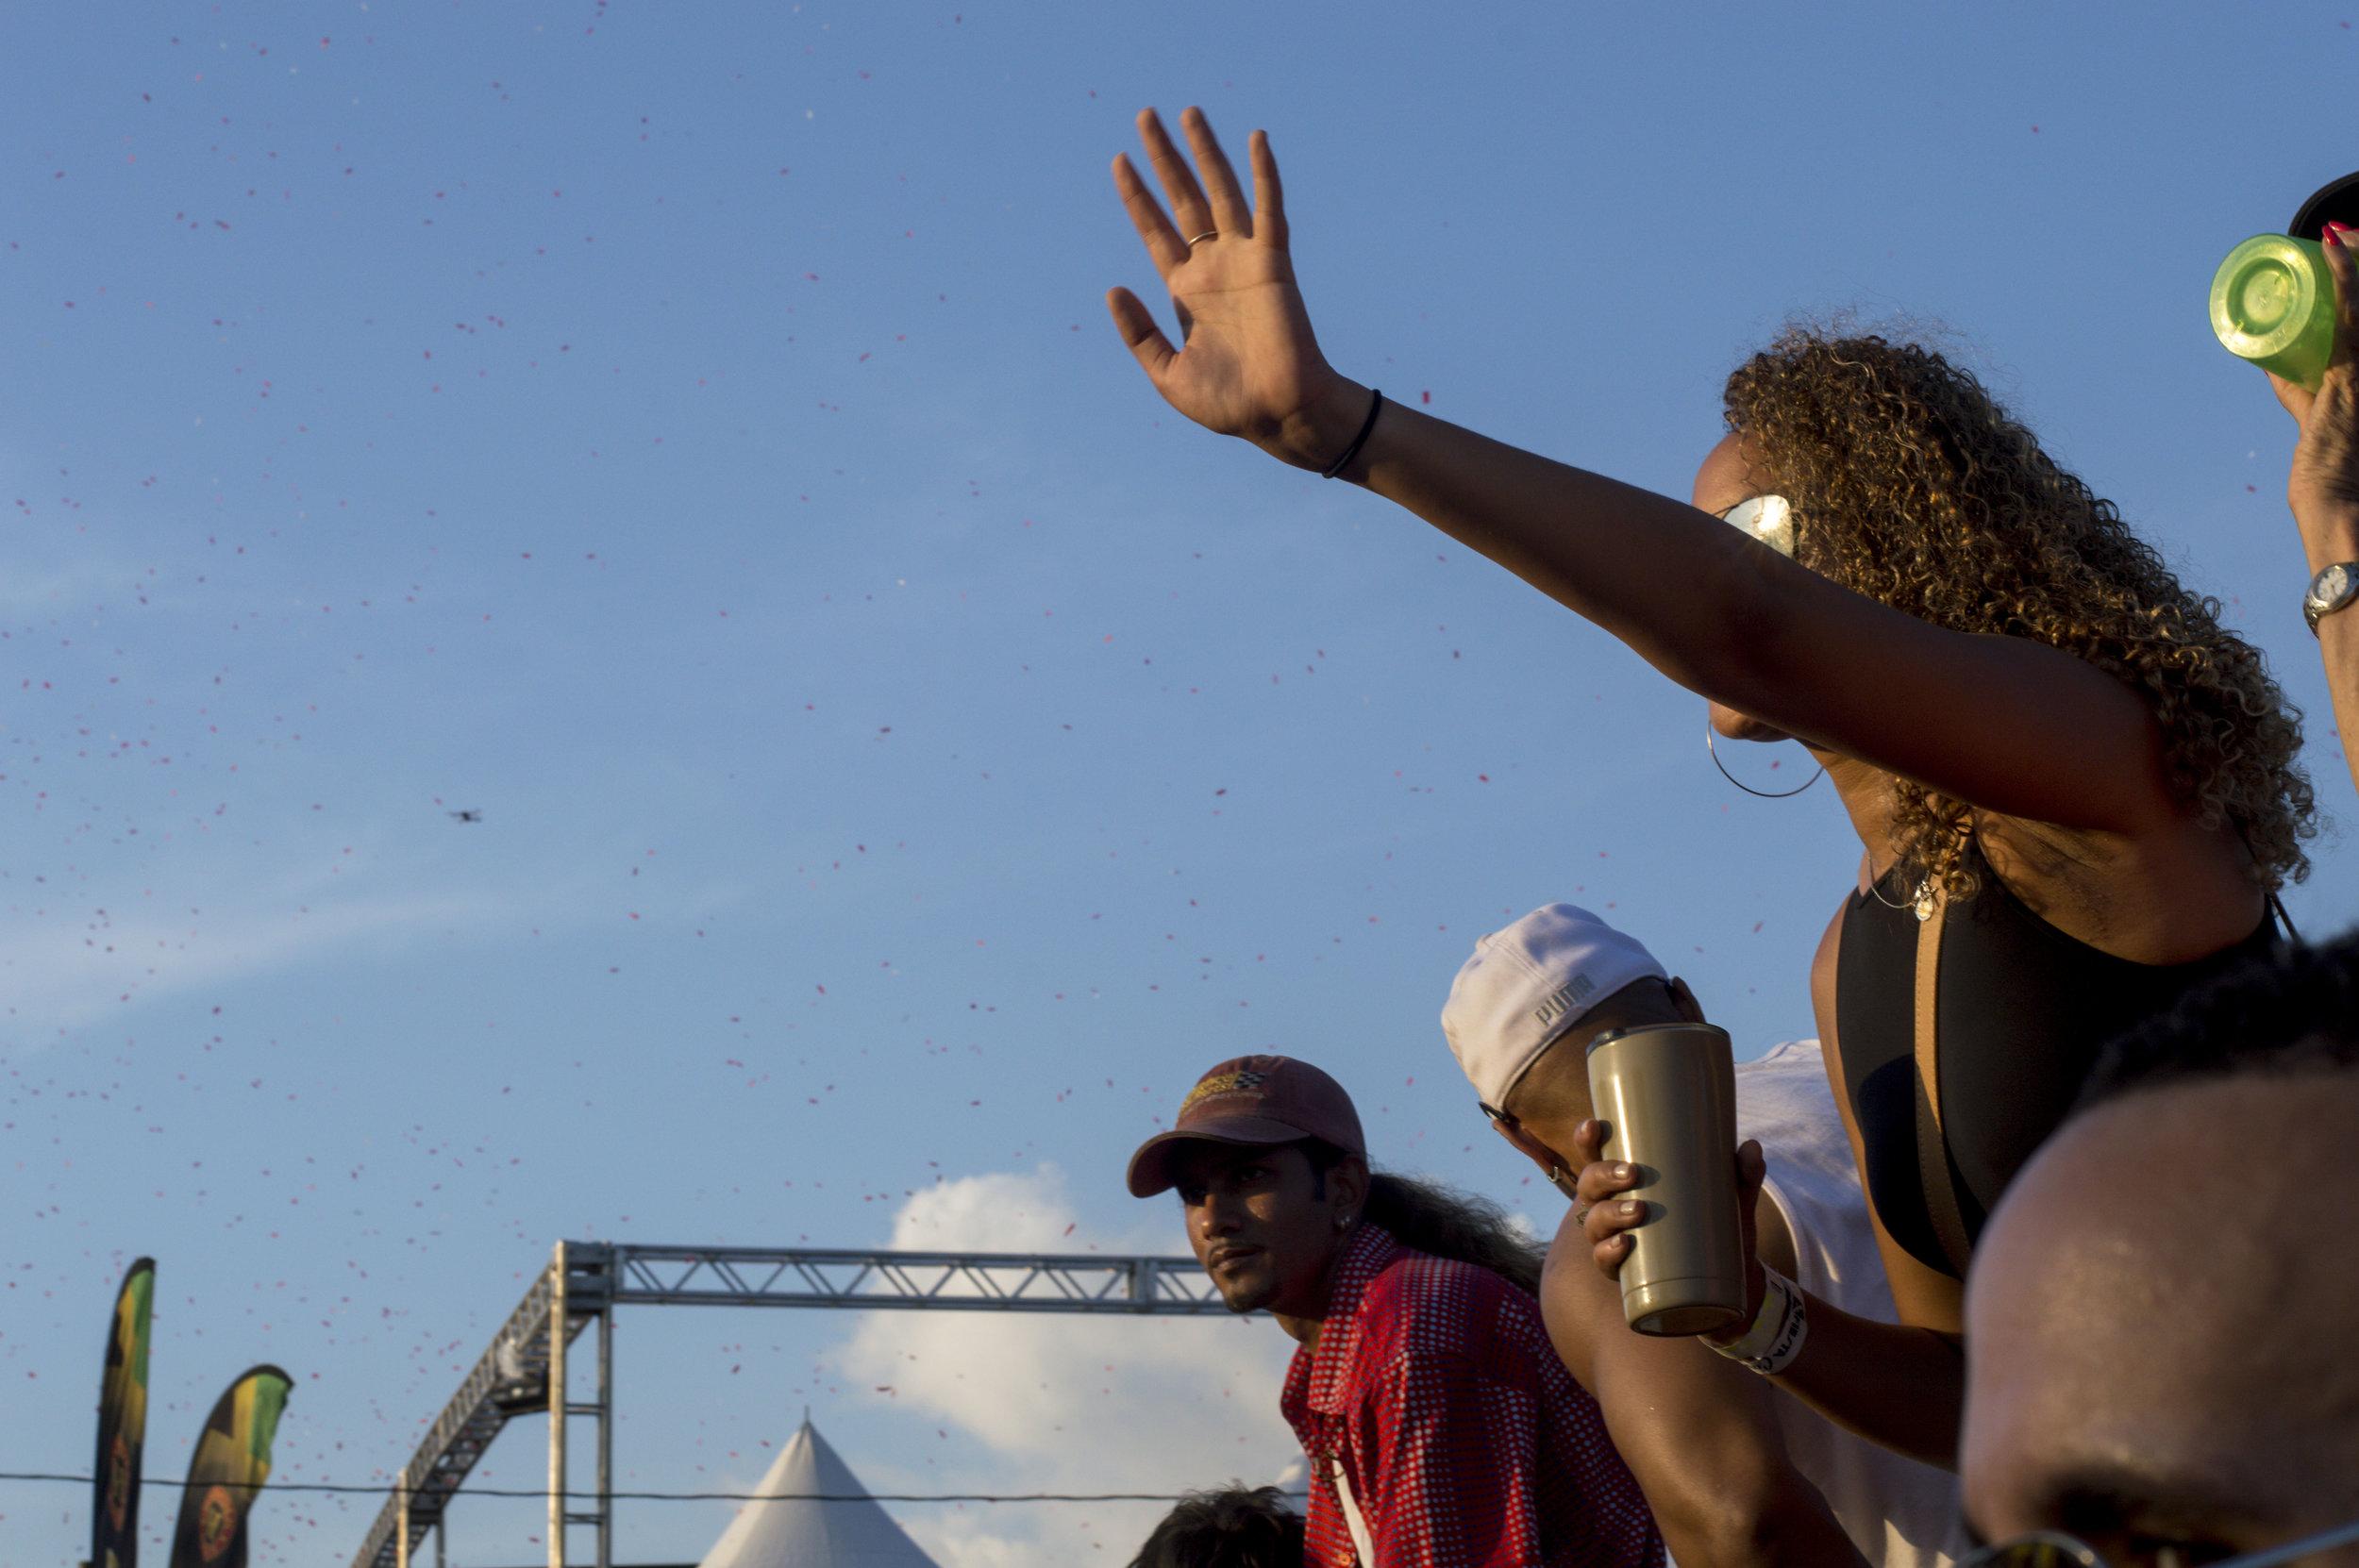 carnival2019_jeanalindo-32.jpg